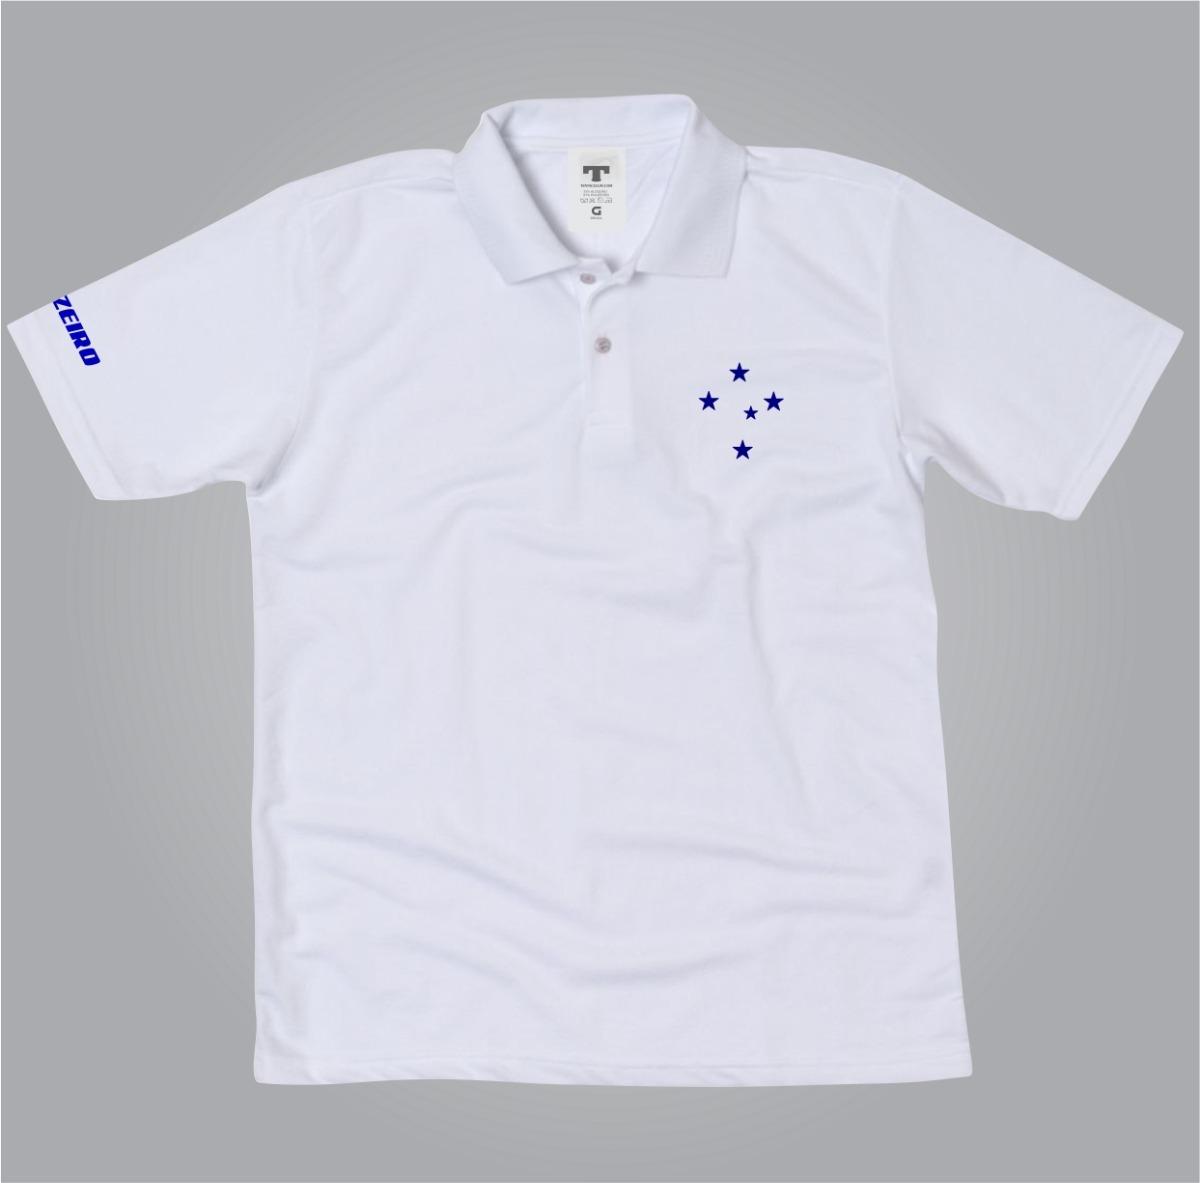 5341c3e0a Camisa Polo Cruzeiro